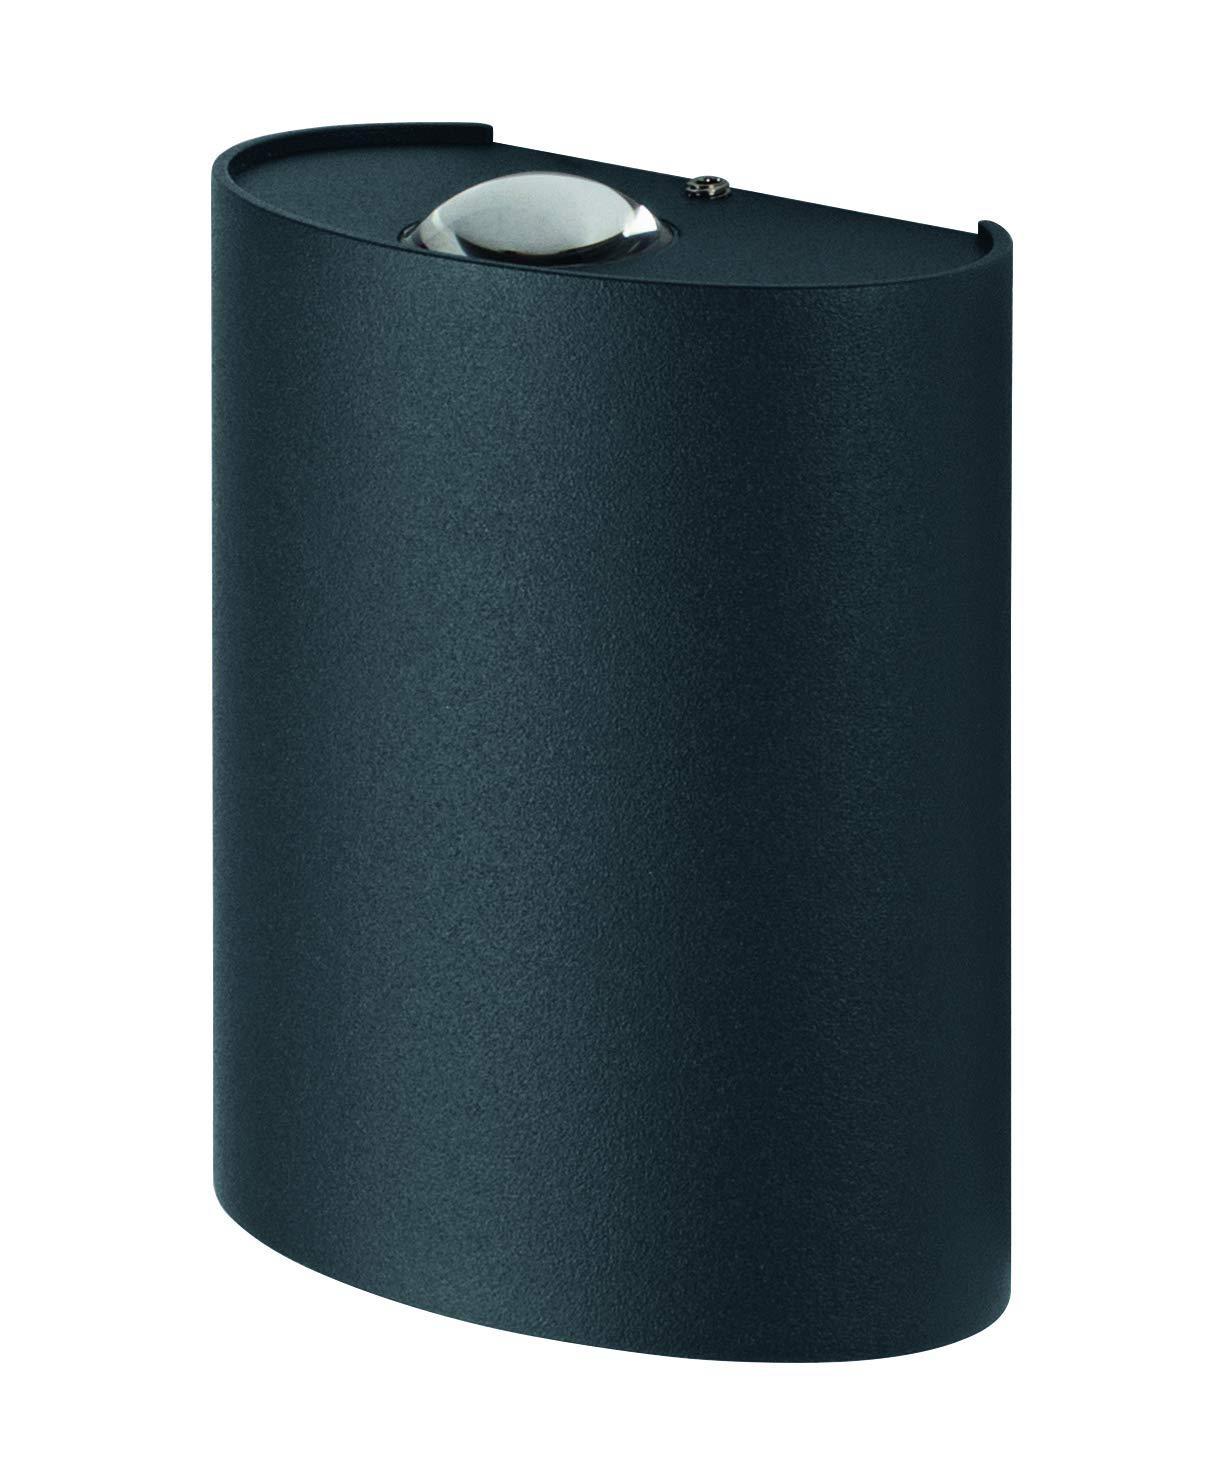 Ledvance Outdoor Plaf/ón de pared y techo 7.5 W aluminio color gris oscuro